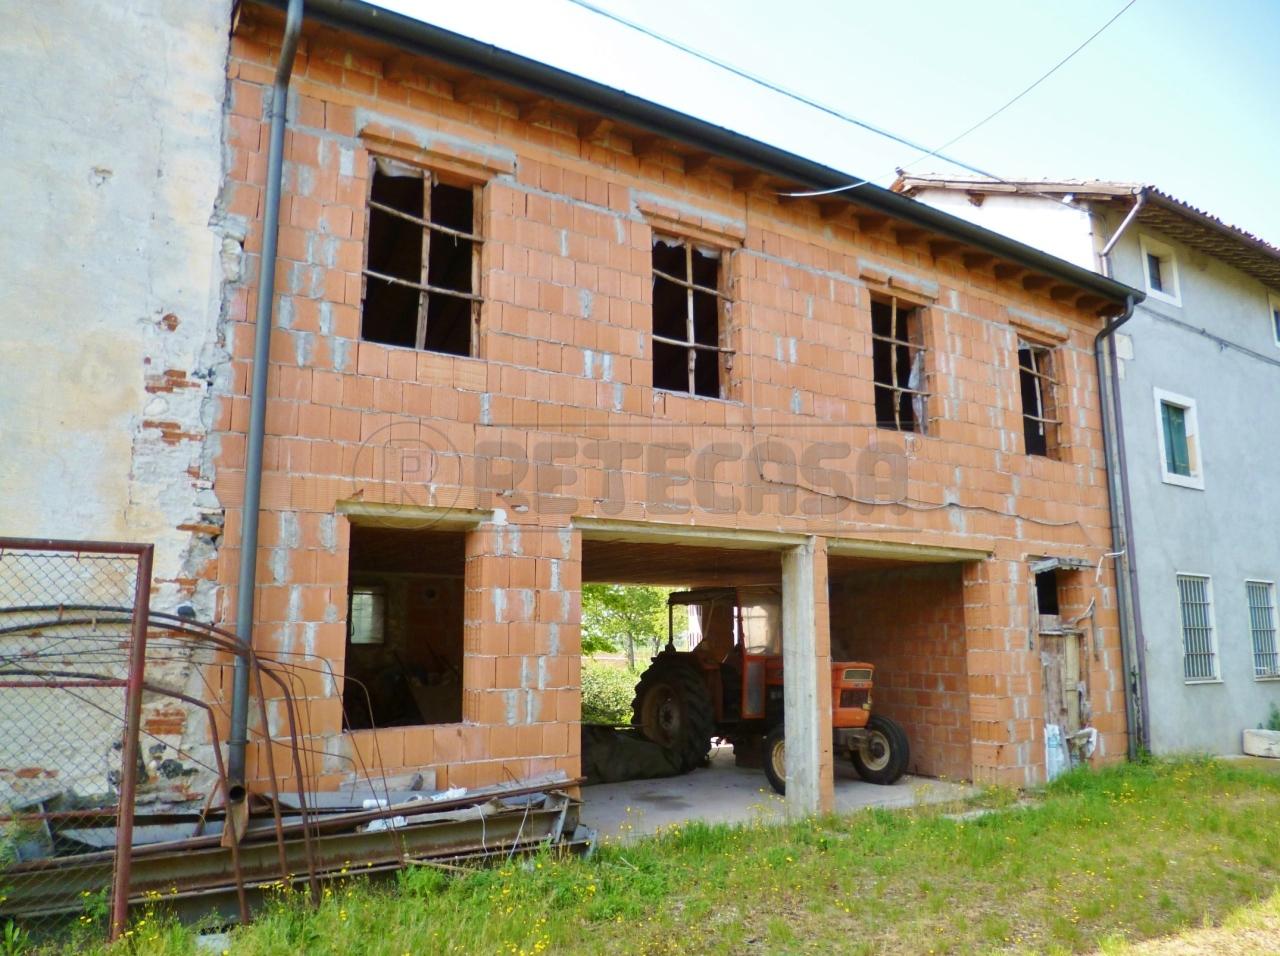 Soluzione Semindipendente in vendita a Montorso Vicentino, 9999 locali, prezzo € 70.000   Cambio Casa.it